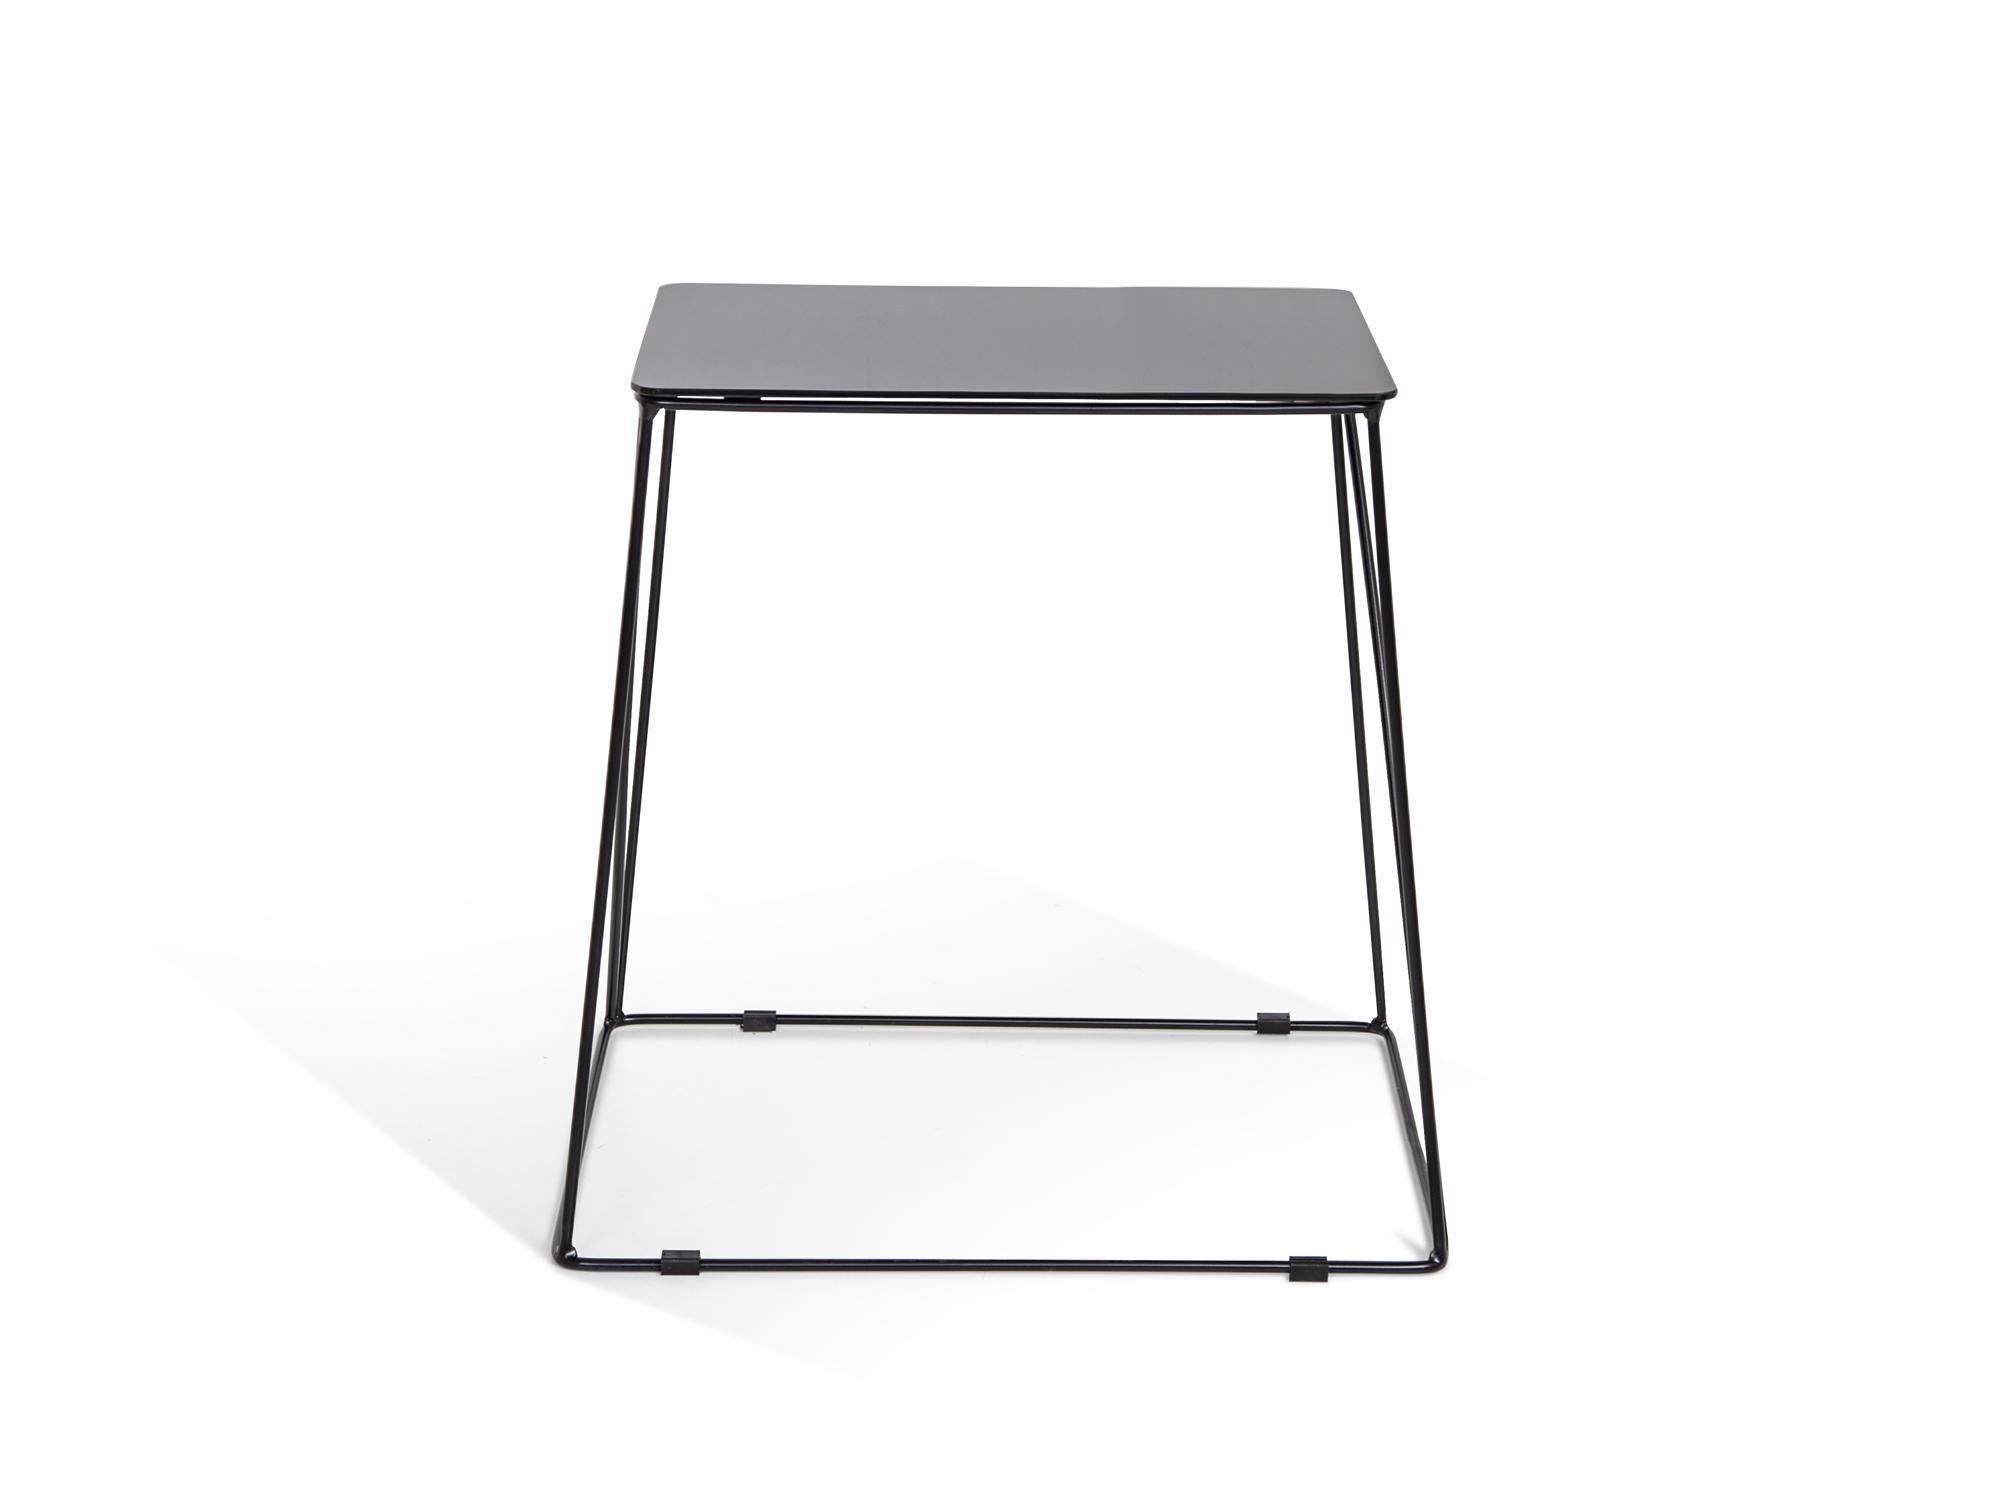 take beistelltisch mit glasplatte schwarz. Black Bedroom Furniture Sets. Home Design Ideas